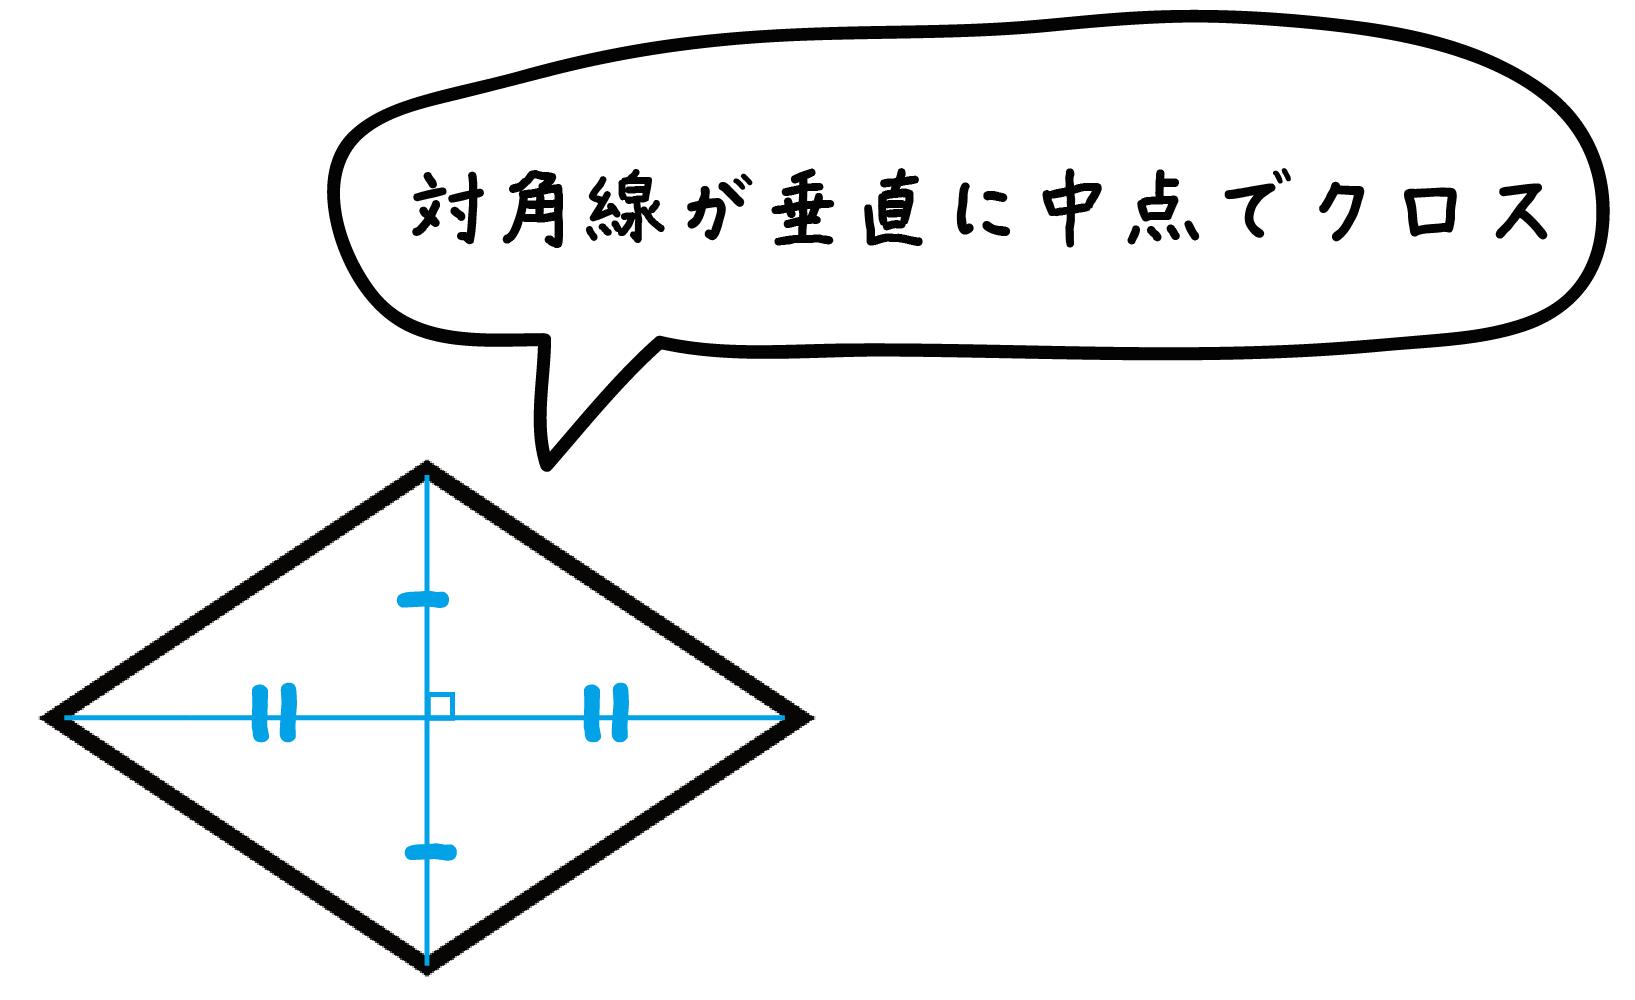 垂直二等分線 作図 書き方